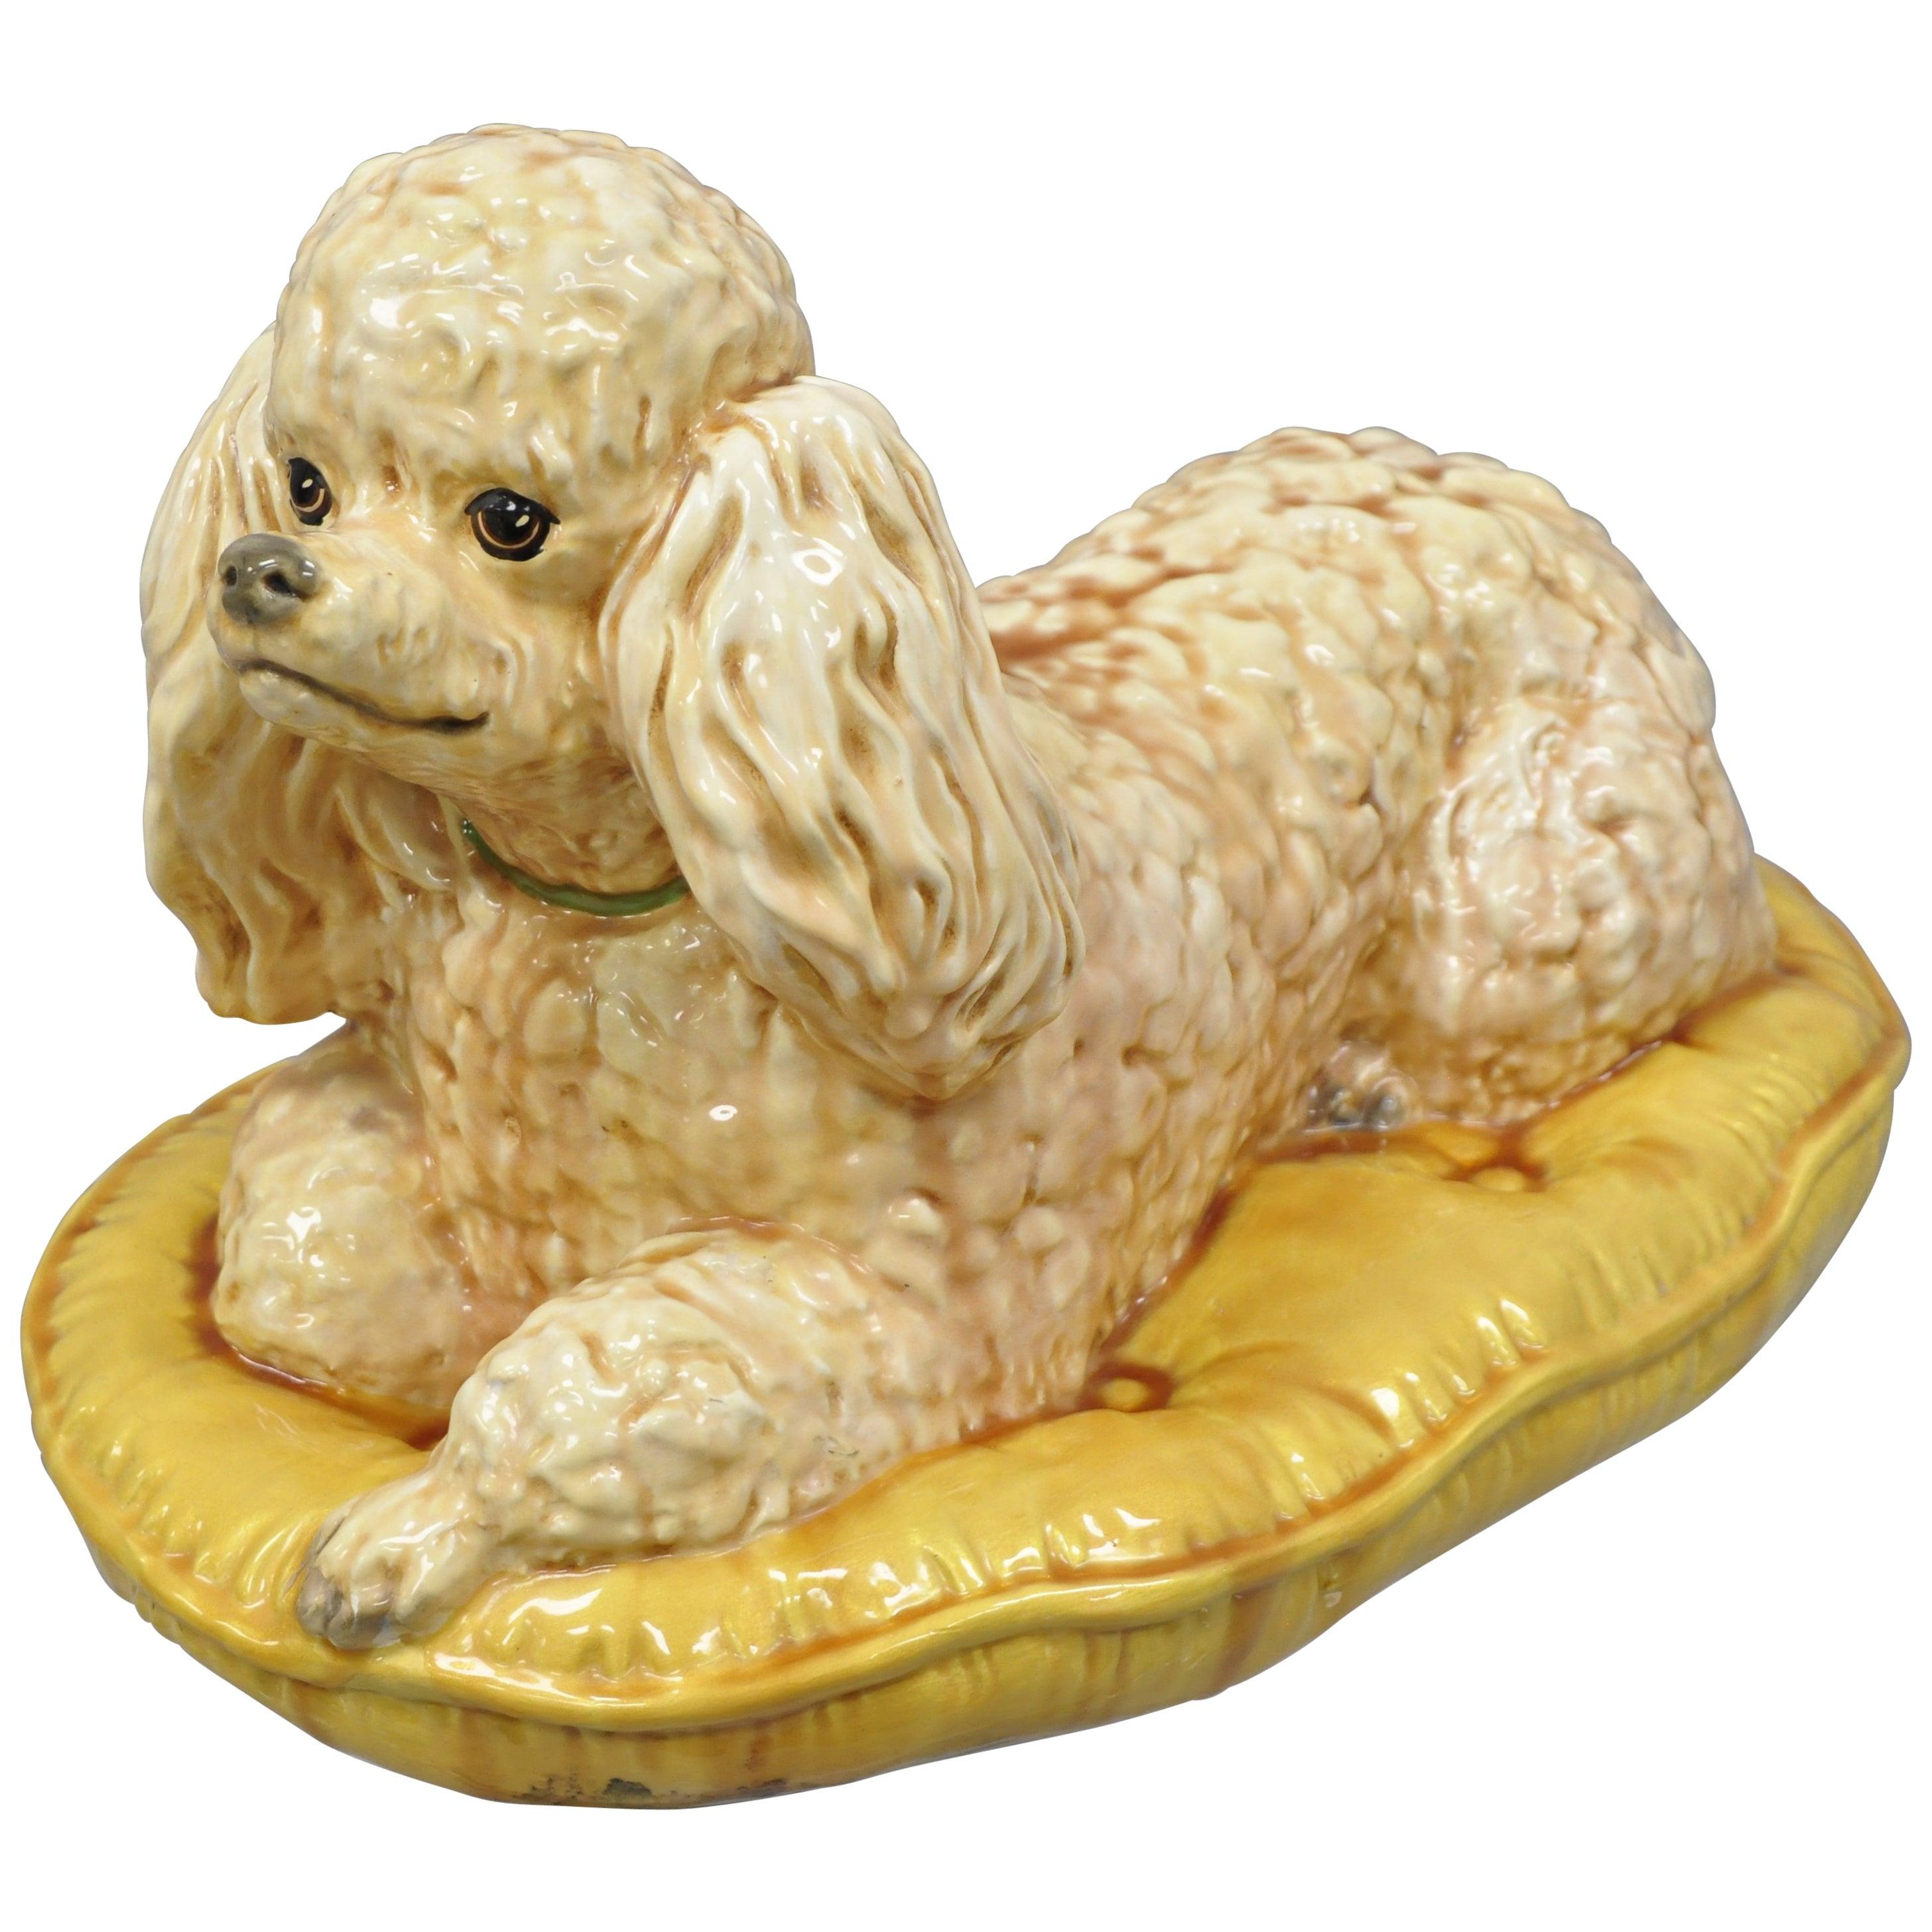 Vintage Glazed Ceramic Poodle Dog on Gold Tufted Pillow Statue Figure